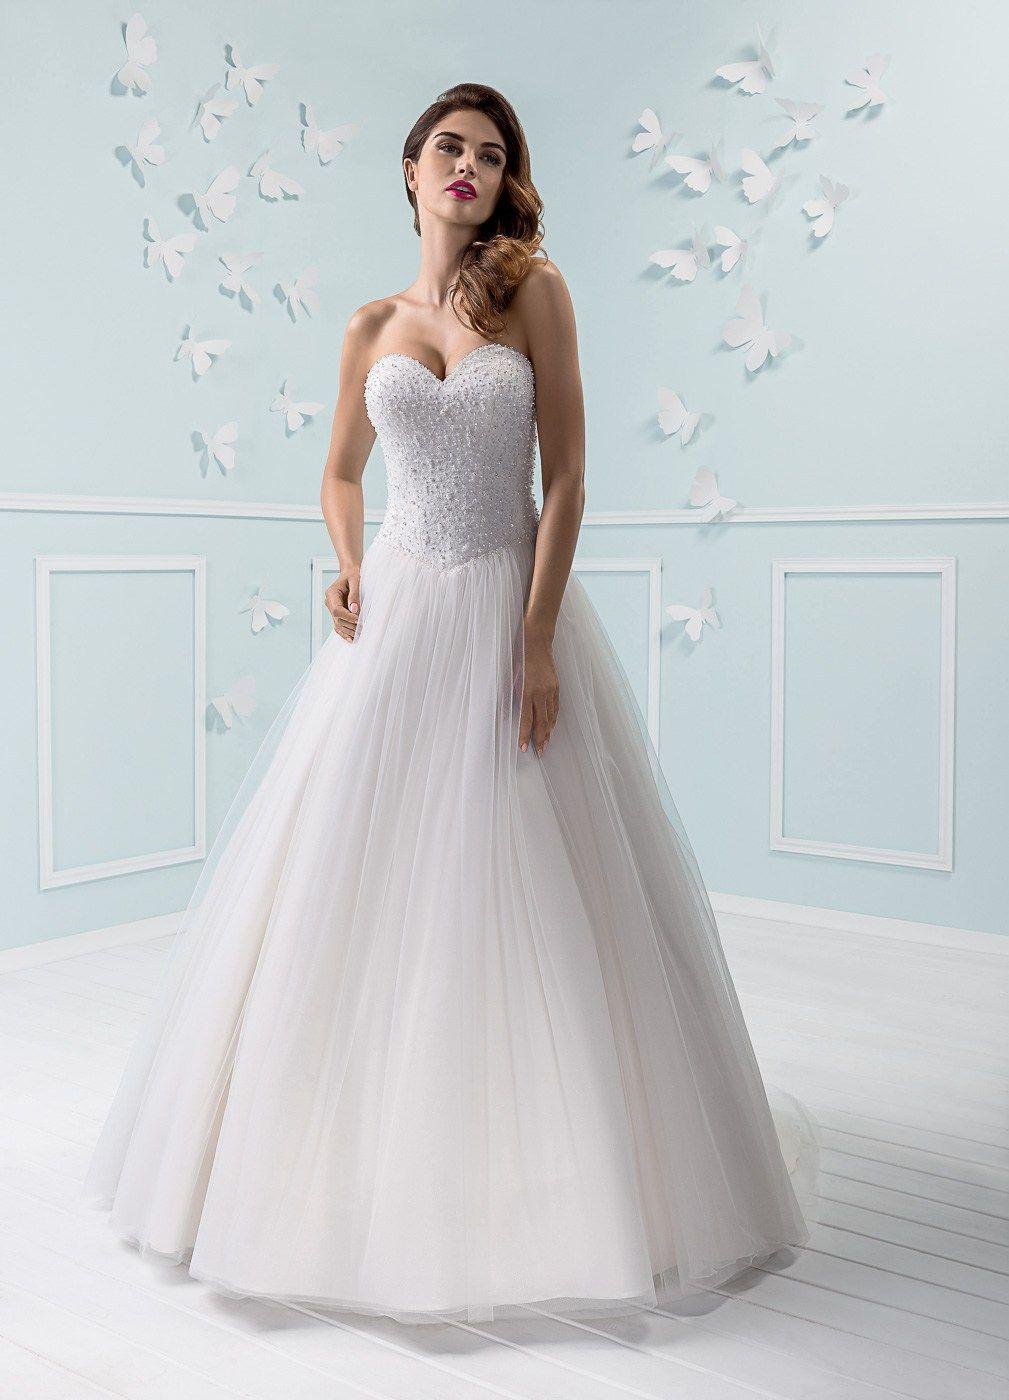 Großzügig Brautkleid Durchschnittspreis Fotos - Hochzeit Kleid Stile ...